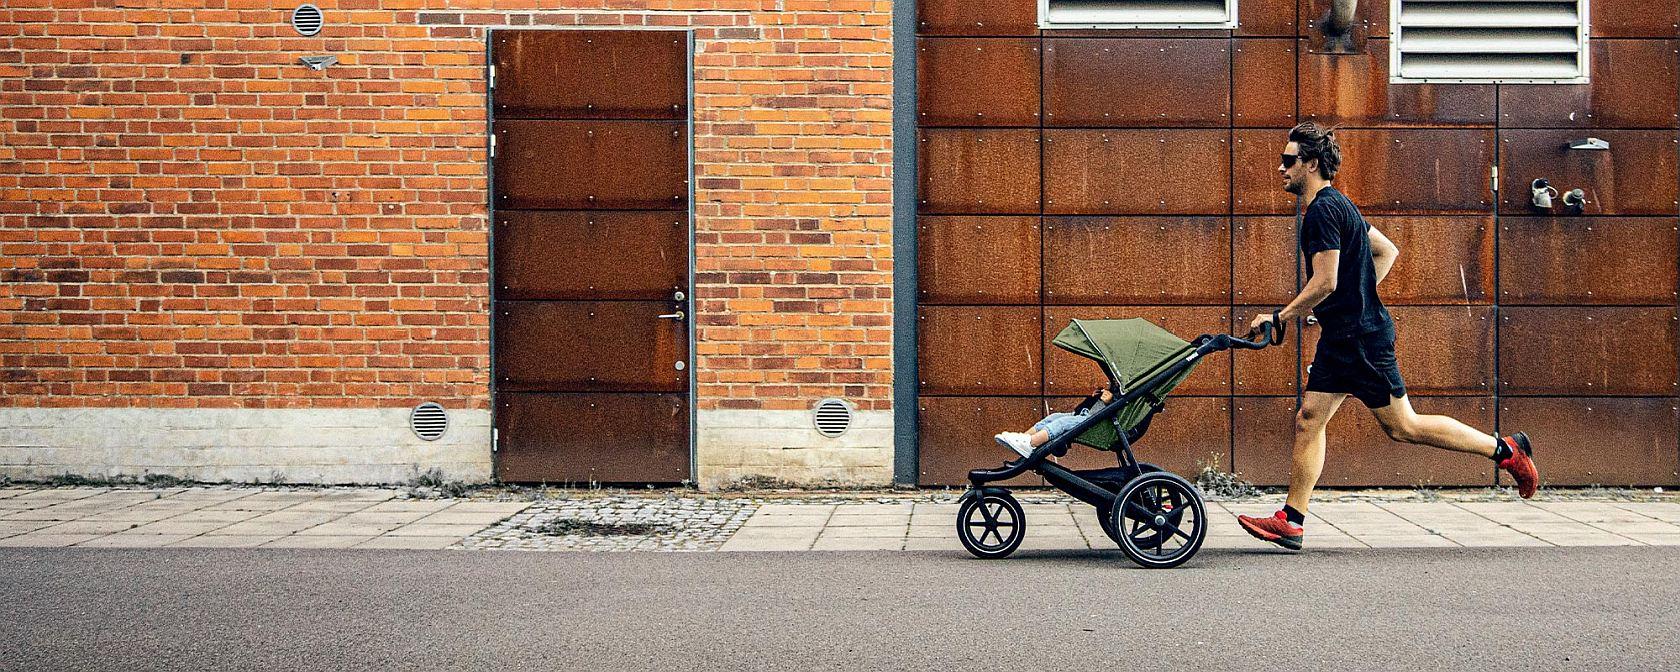 Спортна детска лятна количка за джогинг Thule Urban Glide 2 в за бягане с помпащи се гуми, маневрена, високо проходима с допълнитела спирачка за контролиране на скоростта, сгъваема заемаща малко място при съхранение и транспортиране.